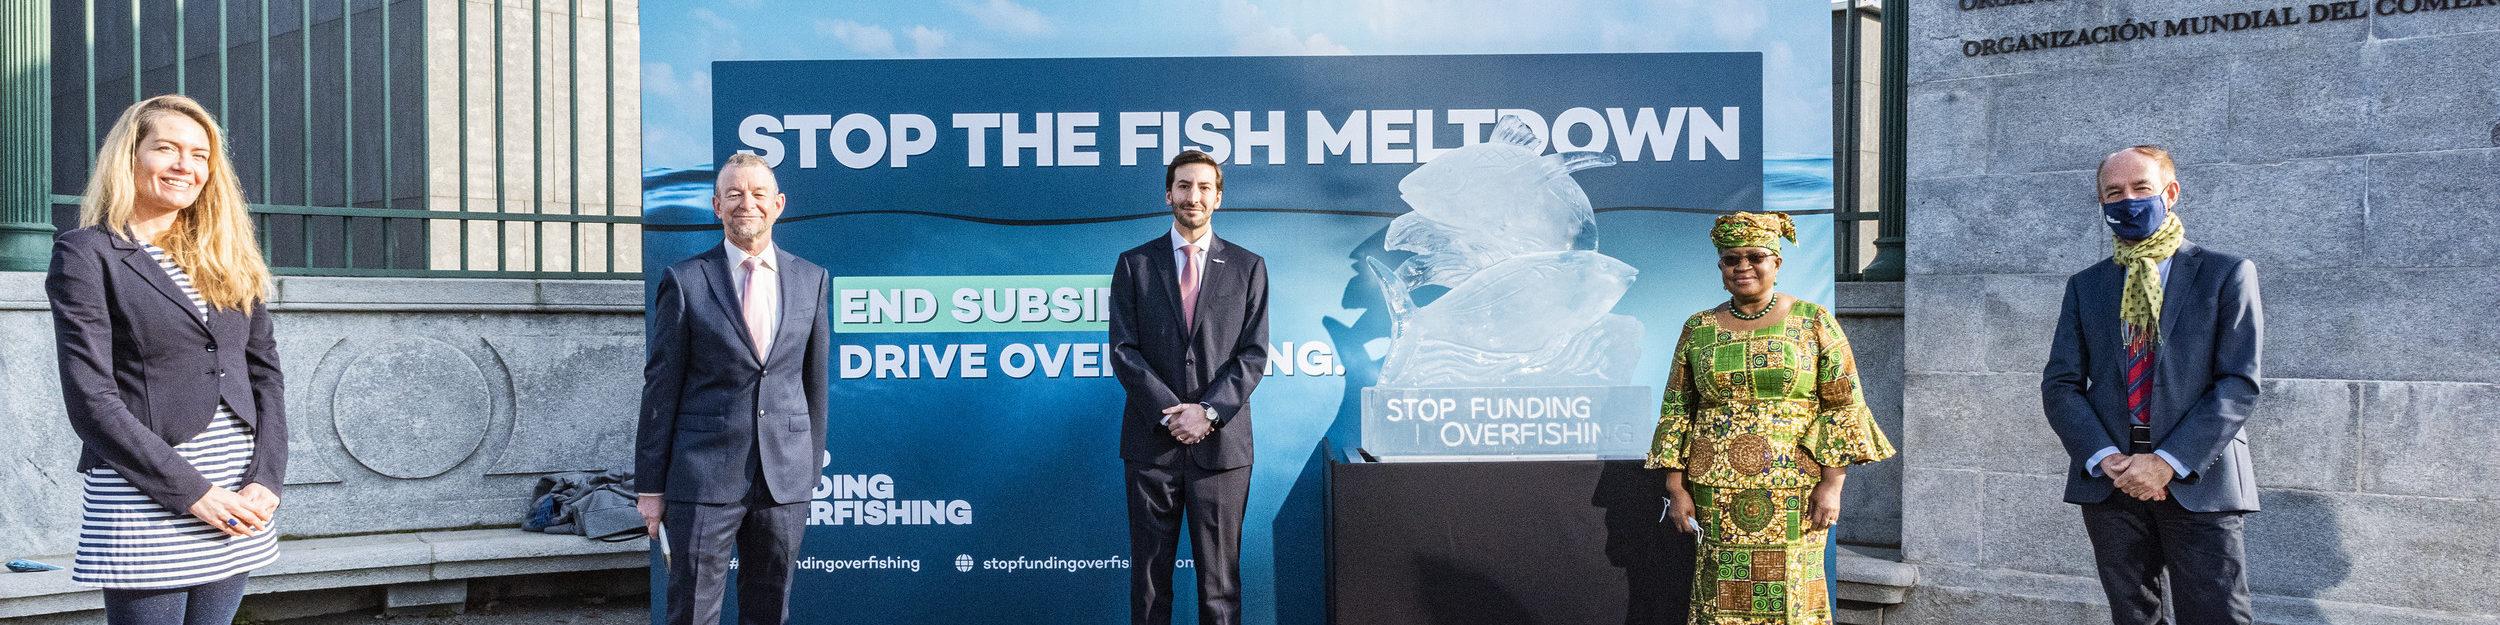 Stop Overfishing